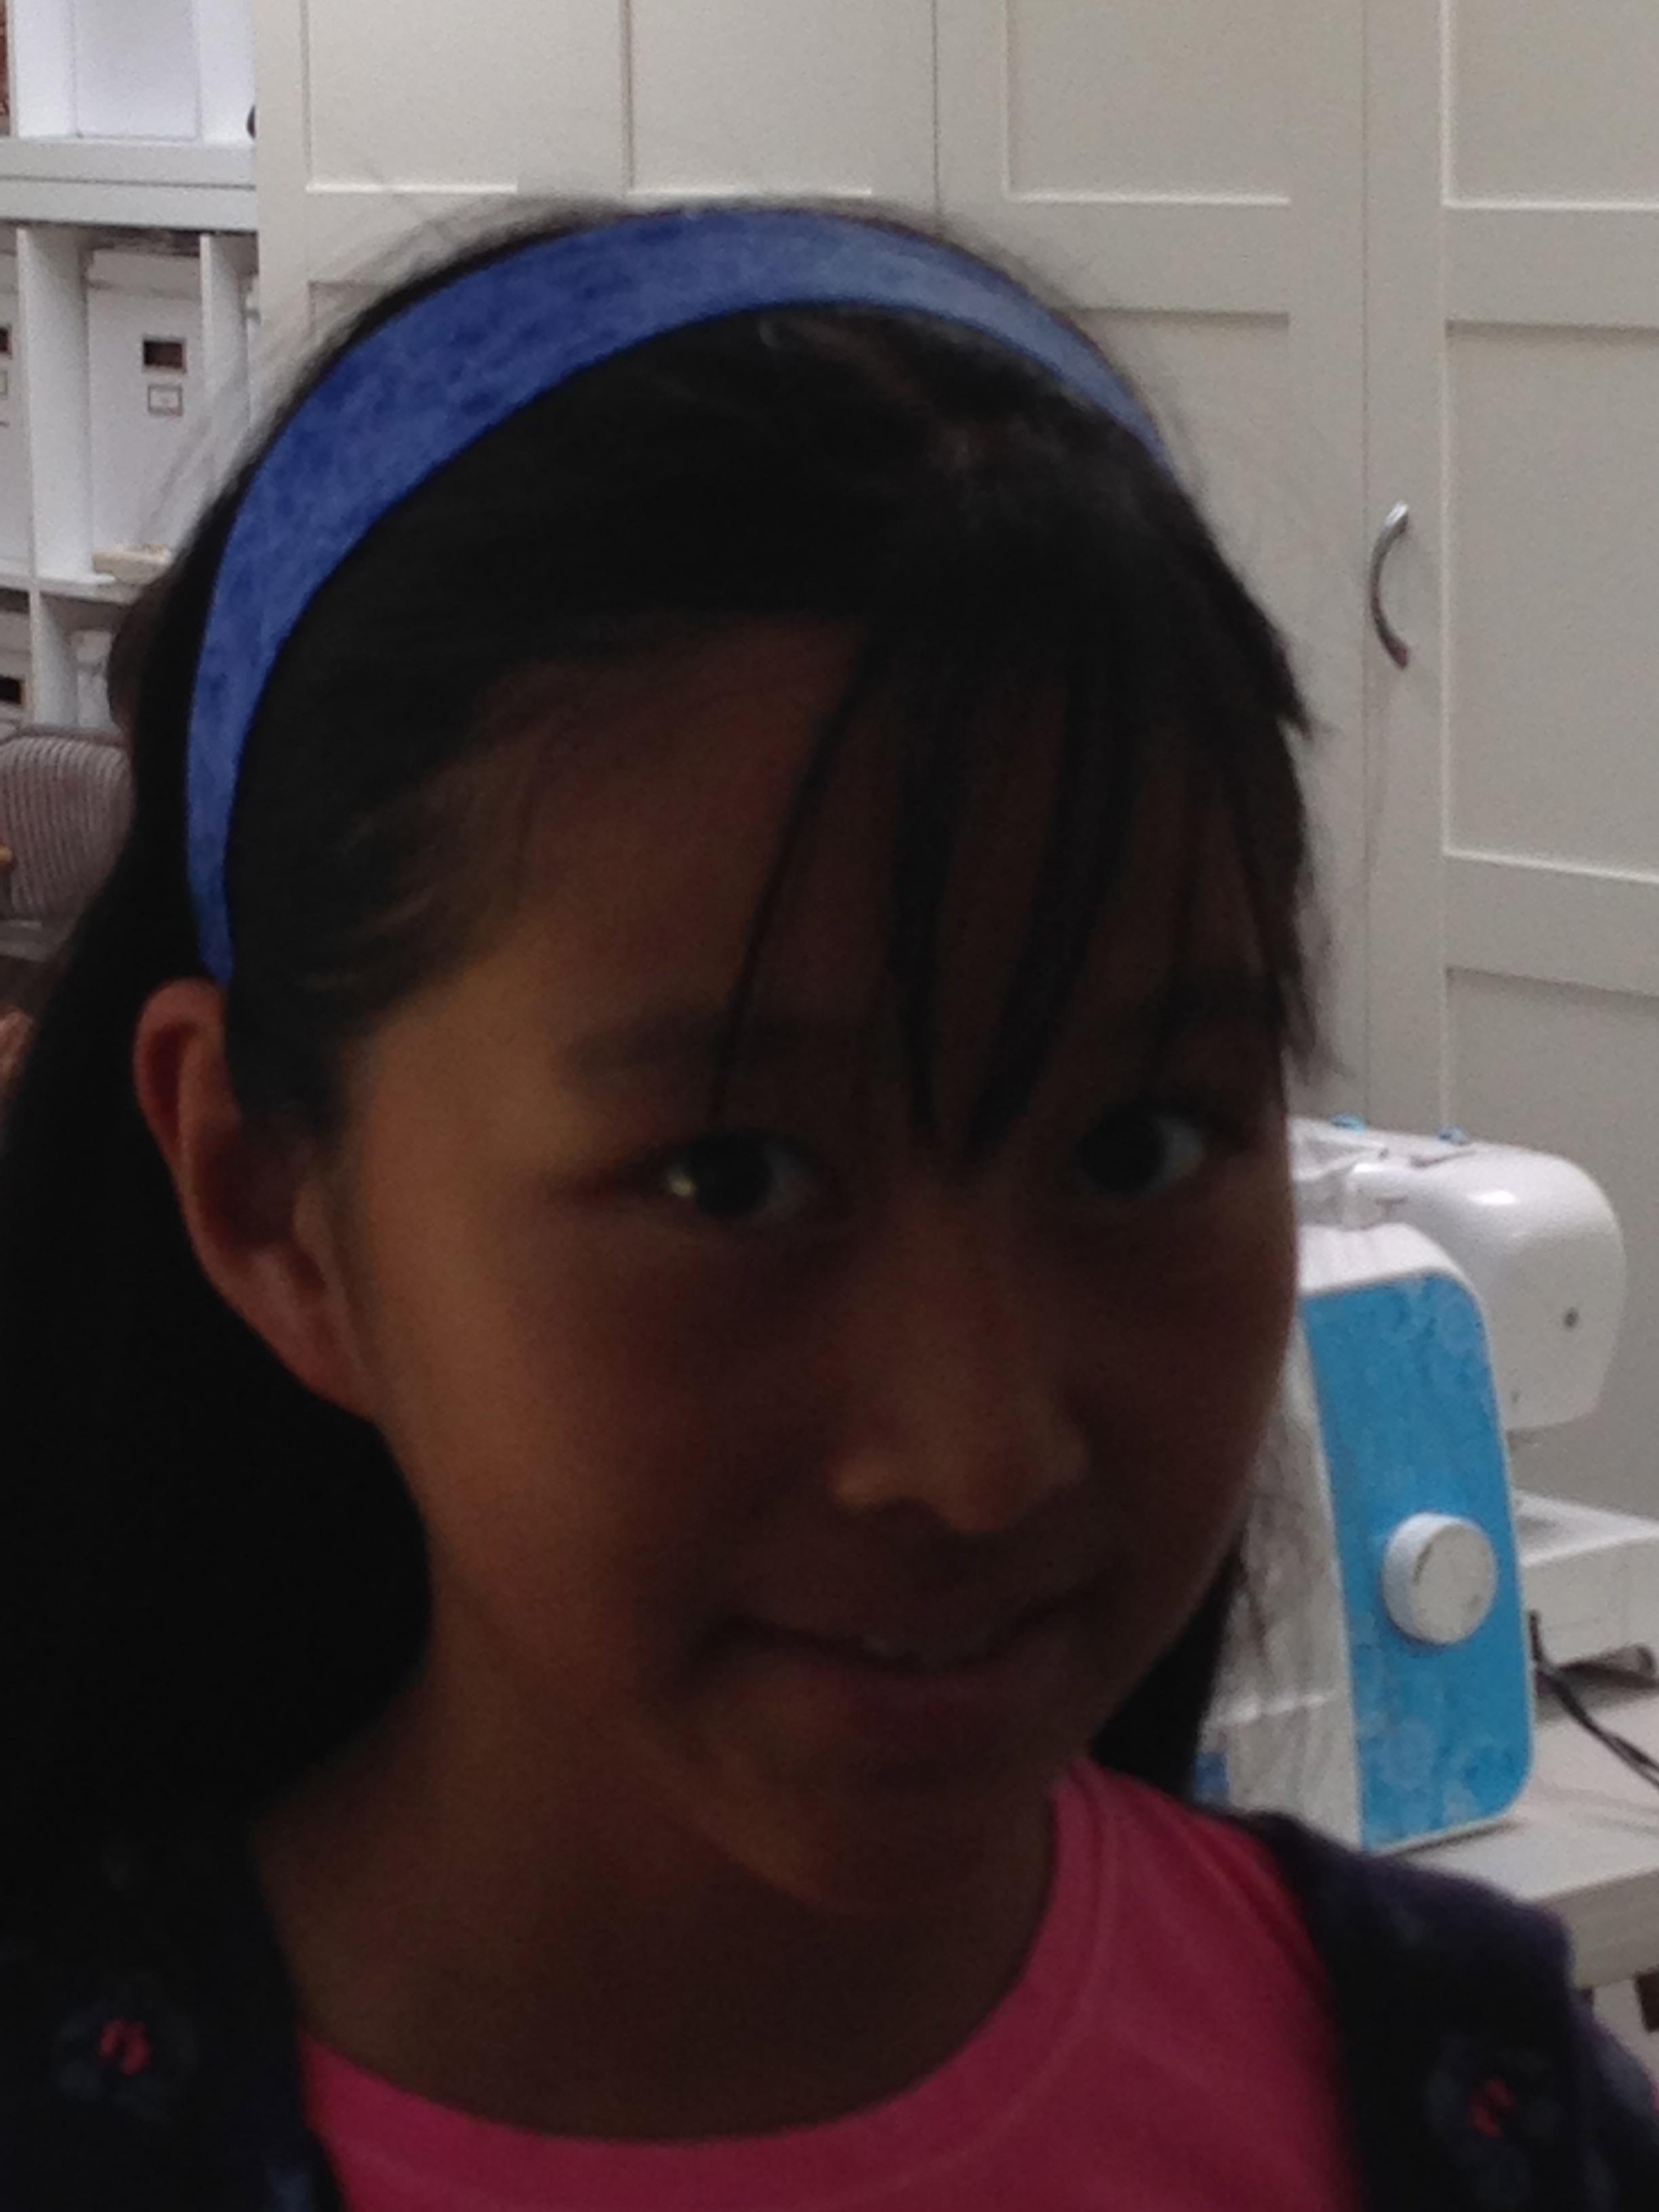 7th grader headband.